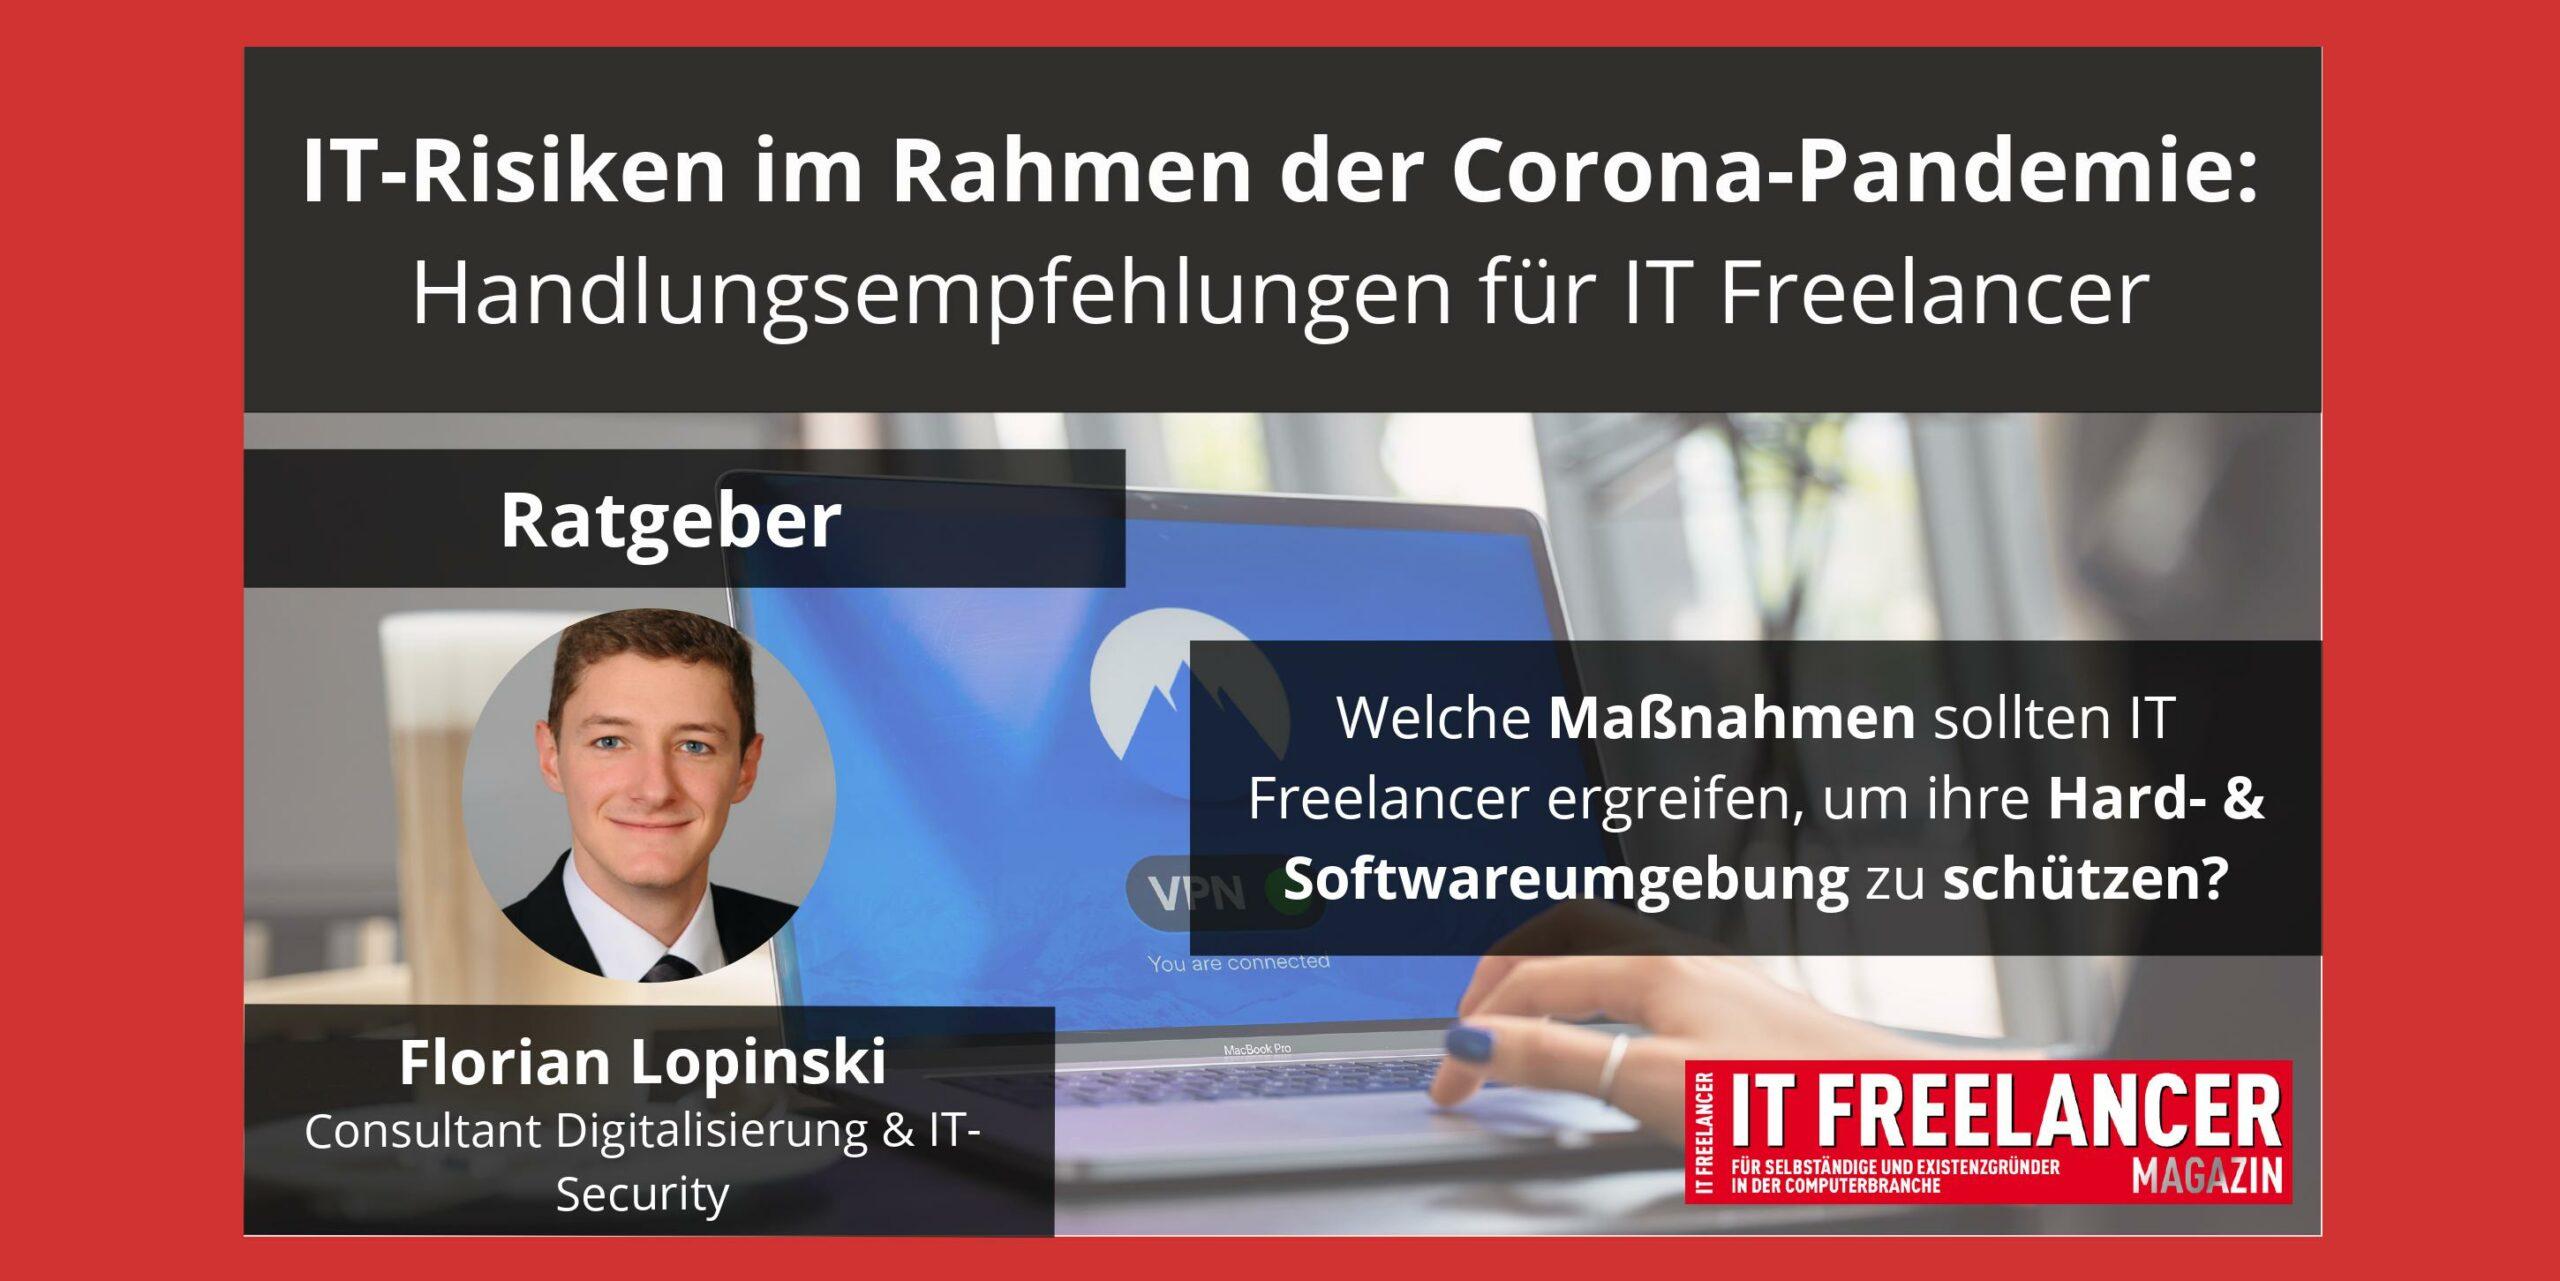 IT-Risiken im Rahmen der Corona-Pandemie: Handlungsempfehlungen für IT Freelancer_Florian Lopinski